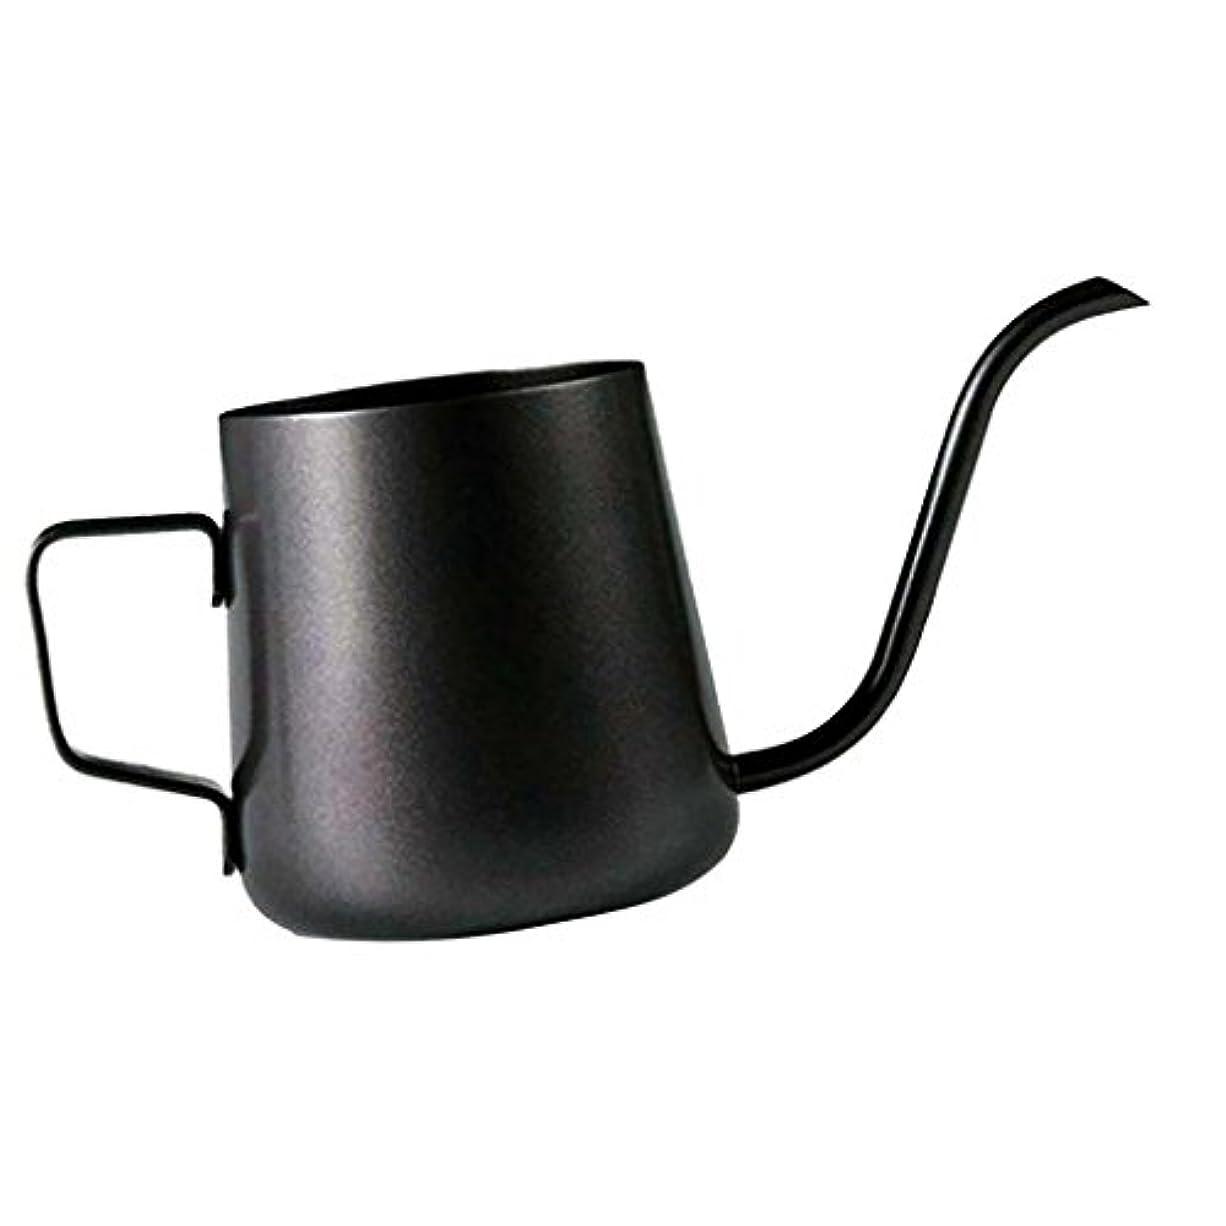 民族主義ブリード食物Homeland コーヒーポット お茶などにも対応 クッキング用品 ステンレス製 エスプレッソポット ケトル - ブラック, 250ミリリットル